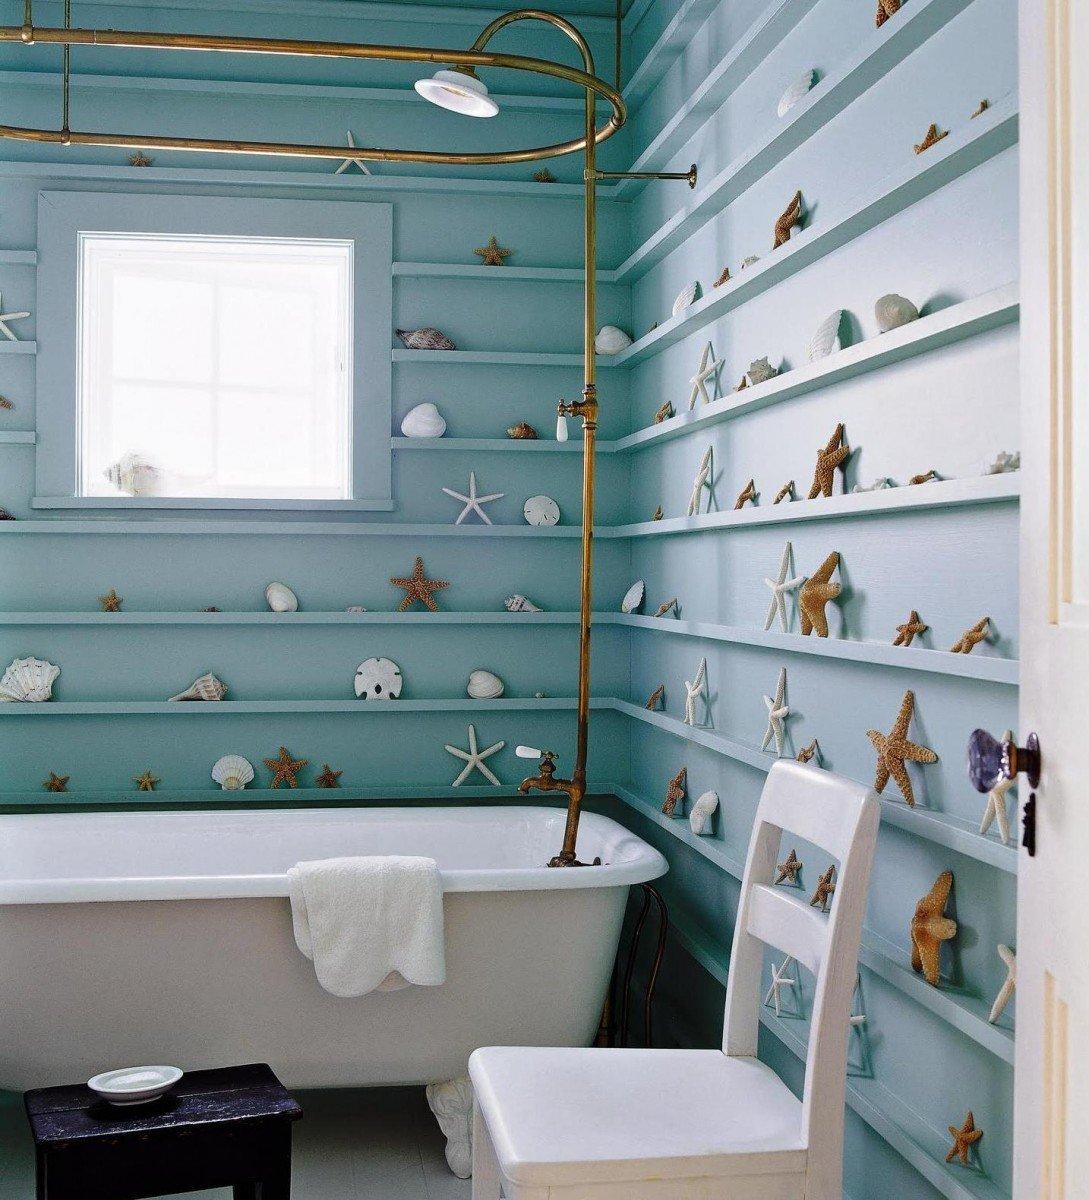 Beach Themed Bathroom Decor